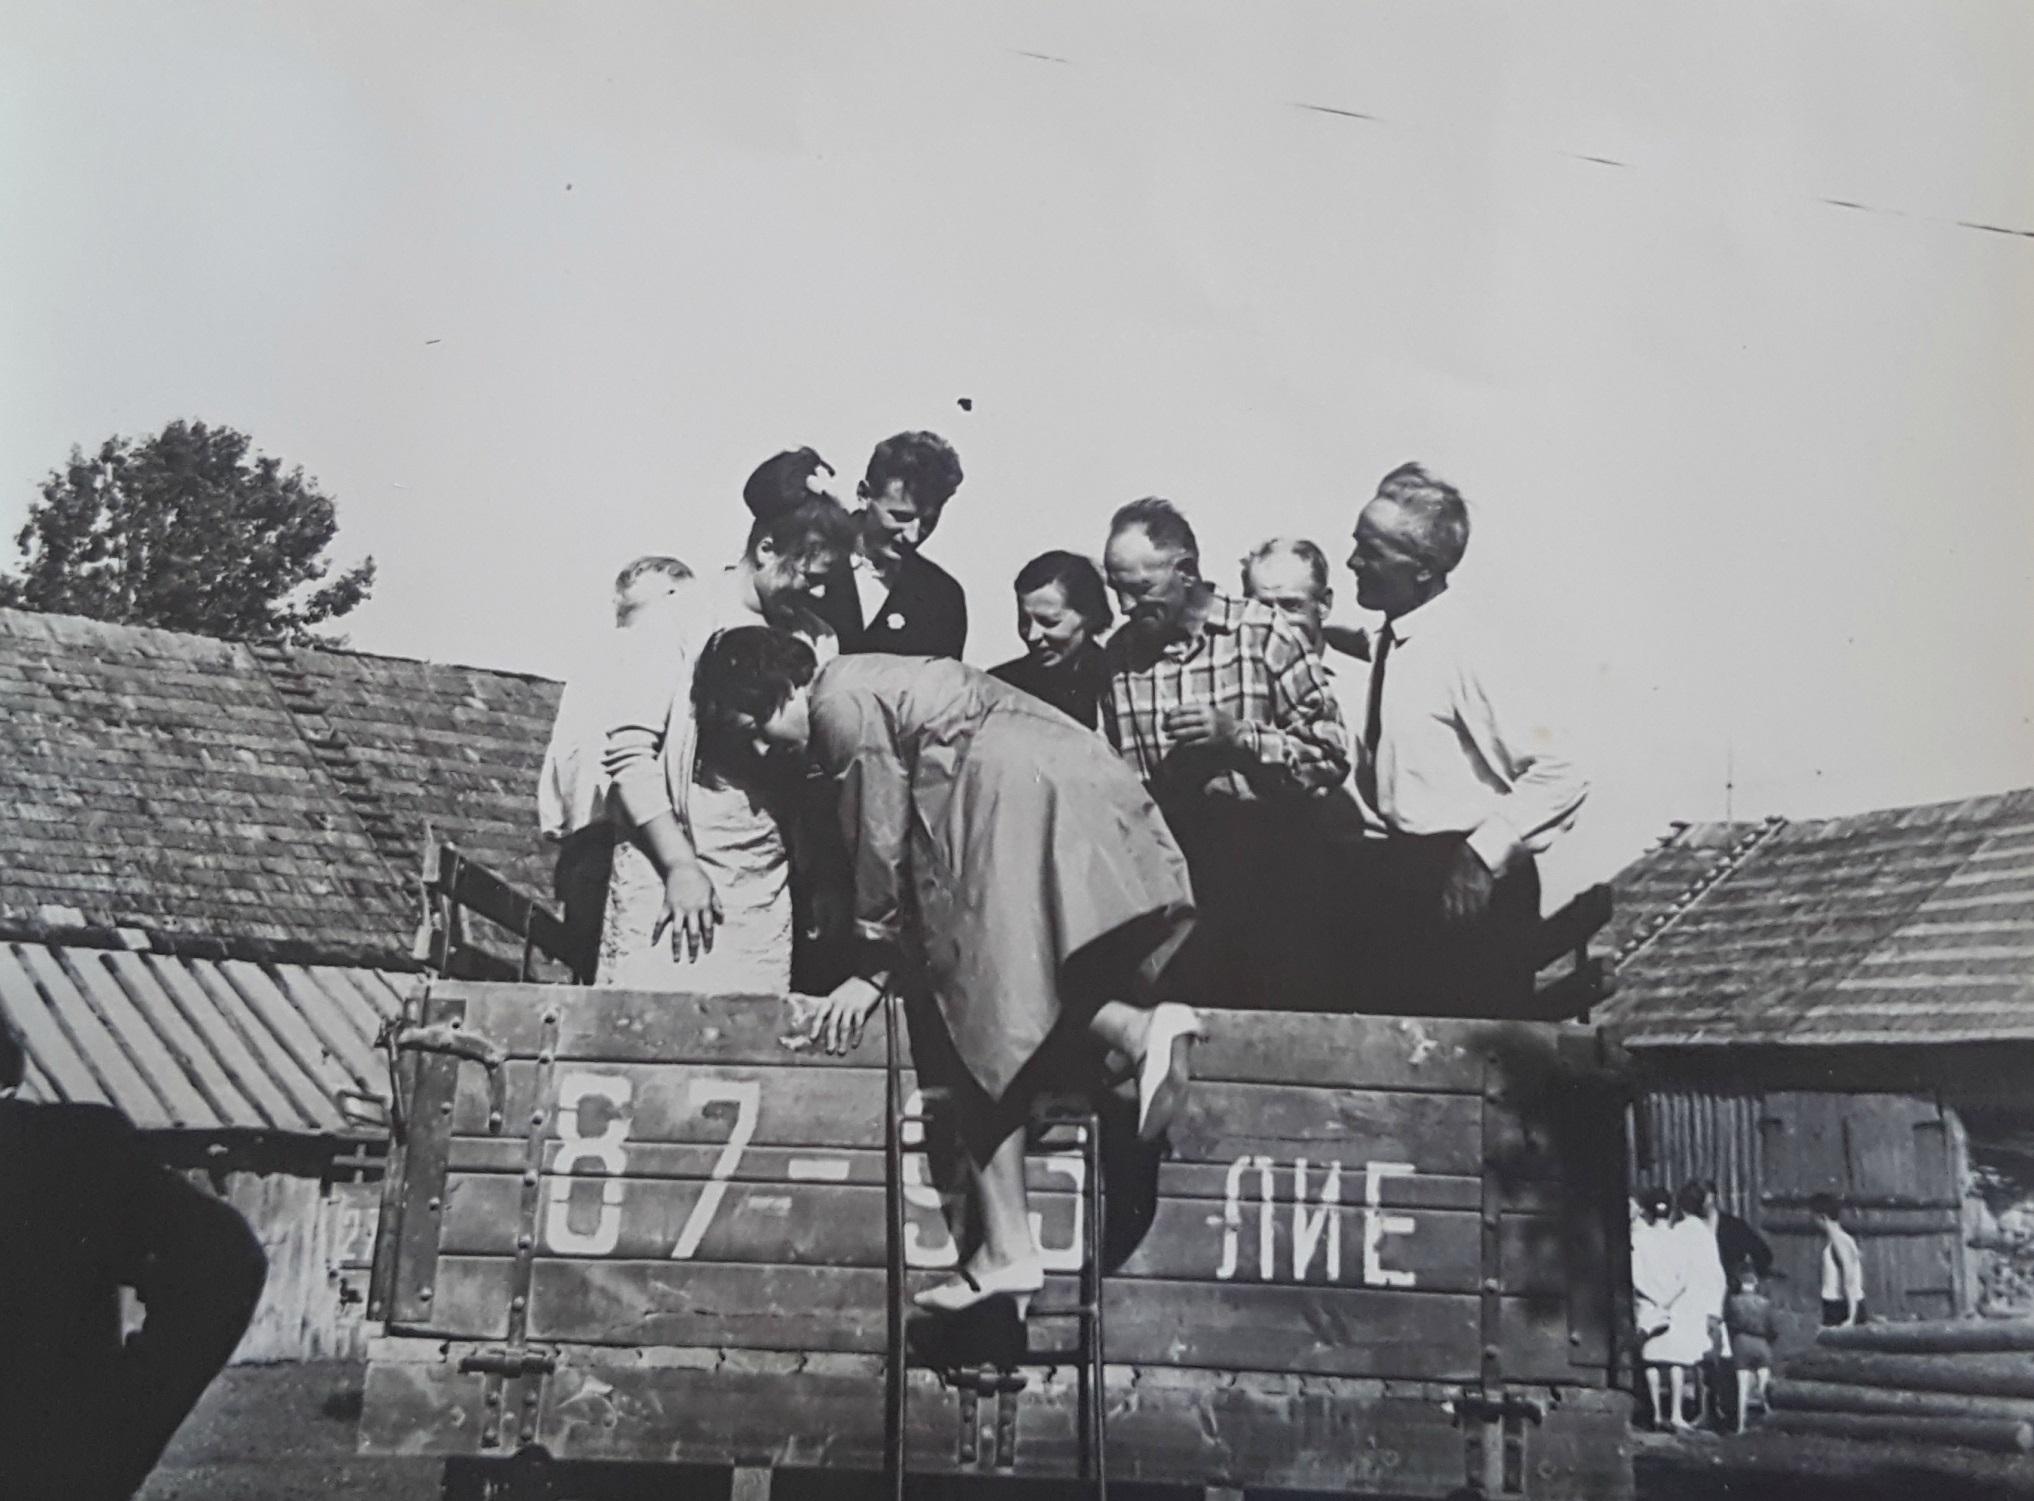 """1959-ieji. Jaunavedžiai su svita į Kėdainių rajono Civilinės metrikacijos skyrių tuoj išvyks """"GAZ-51"""" sunkvežimio priekaboje. Asmeninio archyvo nuotr."""